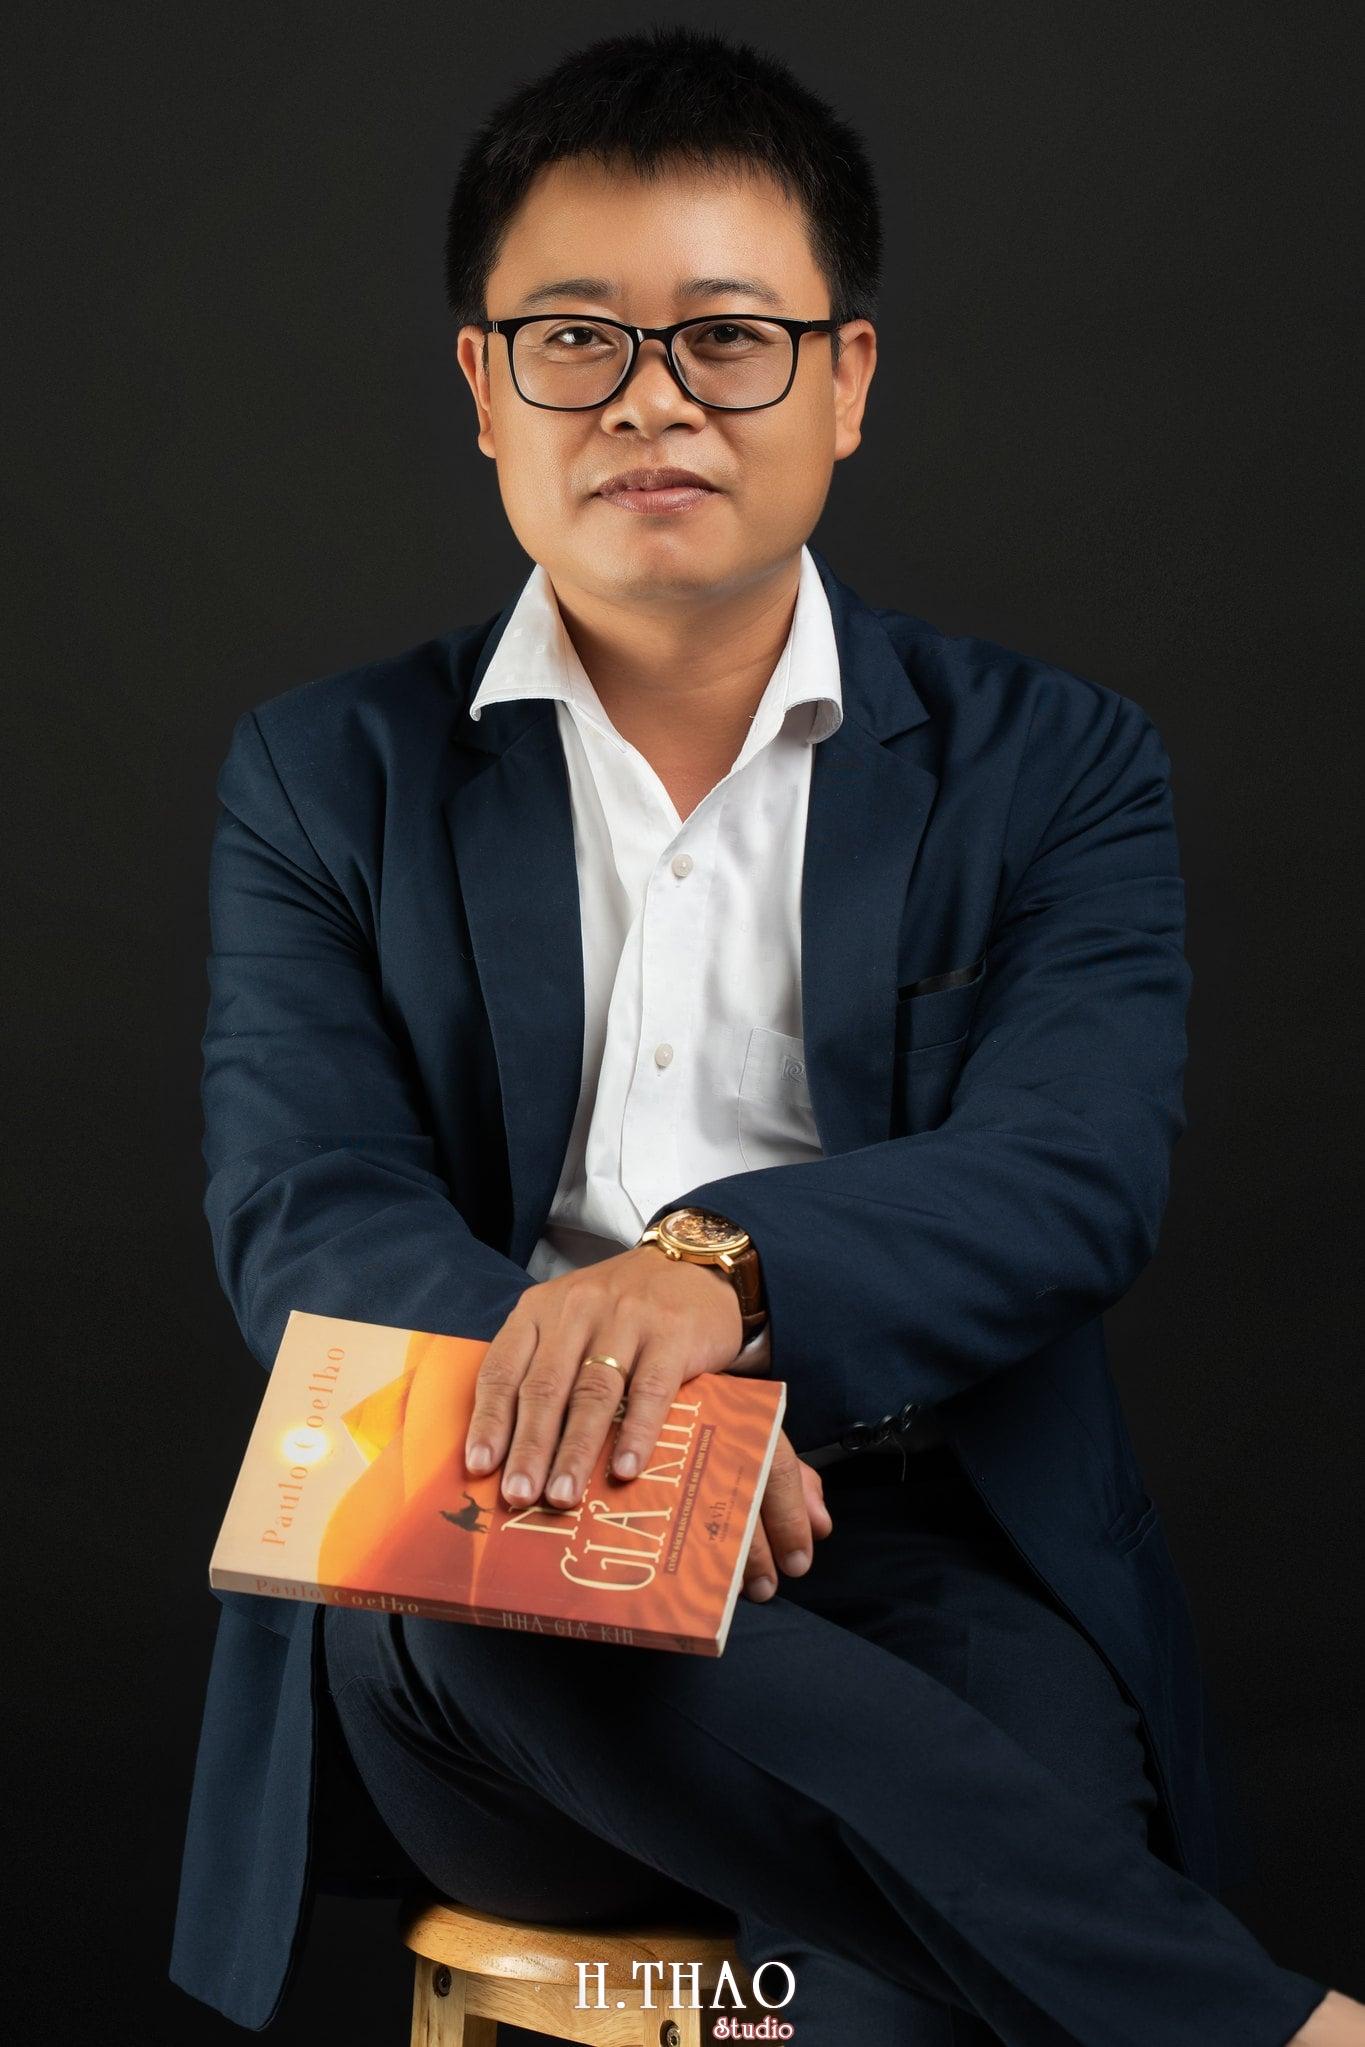 Anh Hoang 4 min - Album ảnh giám đốc Hoàng VIB lịch lãm - HThao Studio